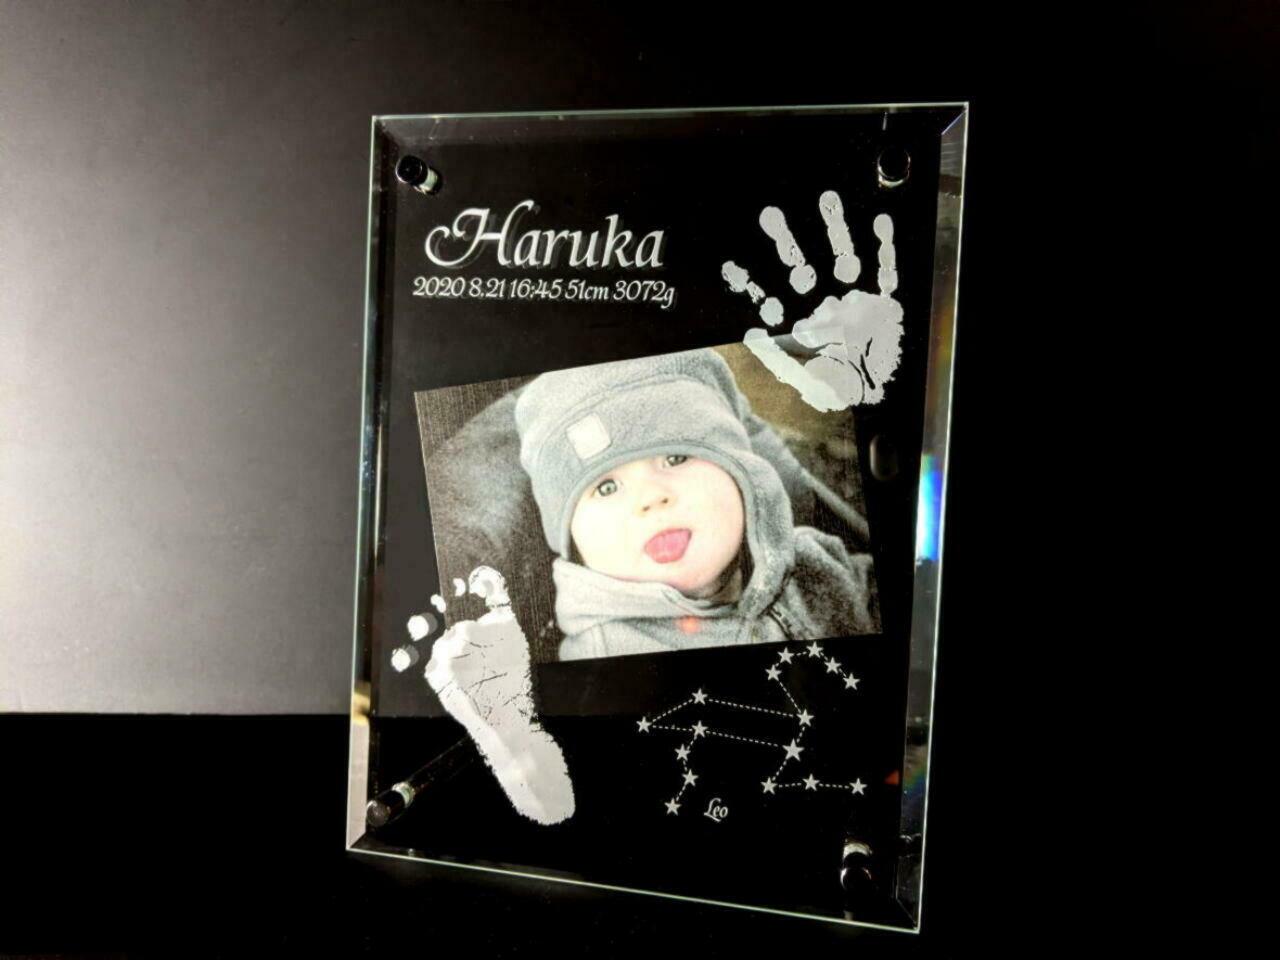 赤ちゃんの手形・足形と星座の合わせガラスエッチングフォトフレーム・写真立て(ガラス製)